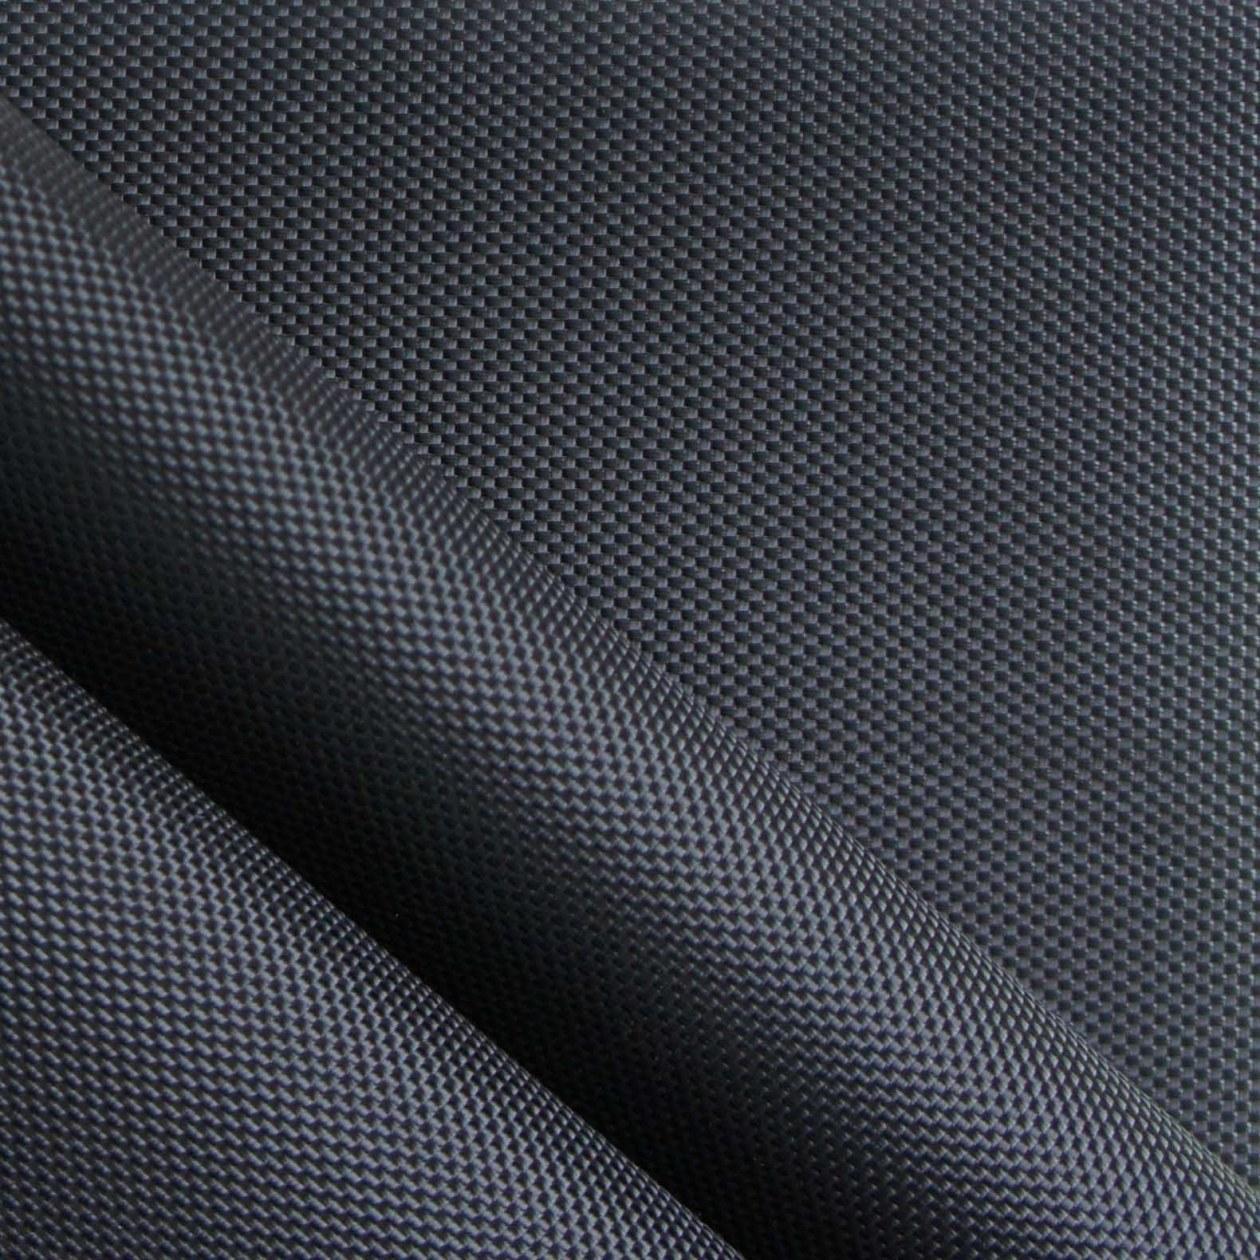 detalhe tecido oxford